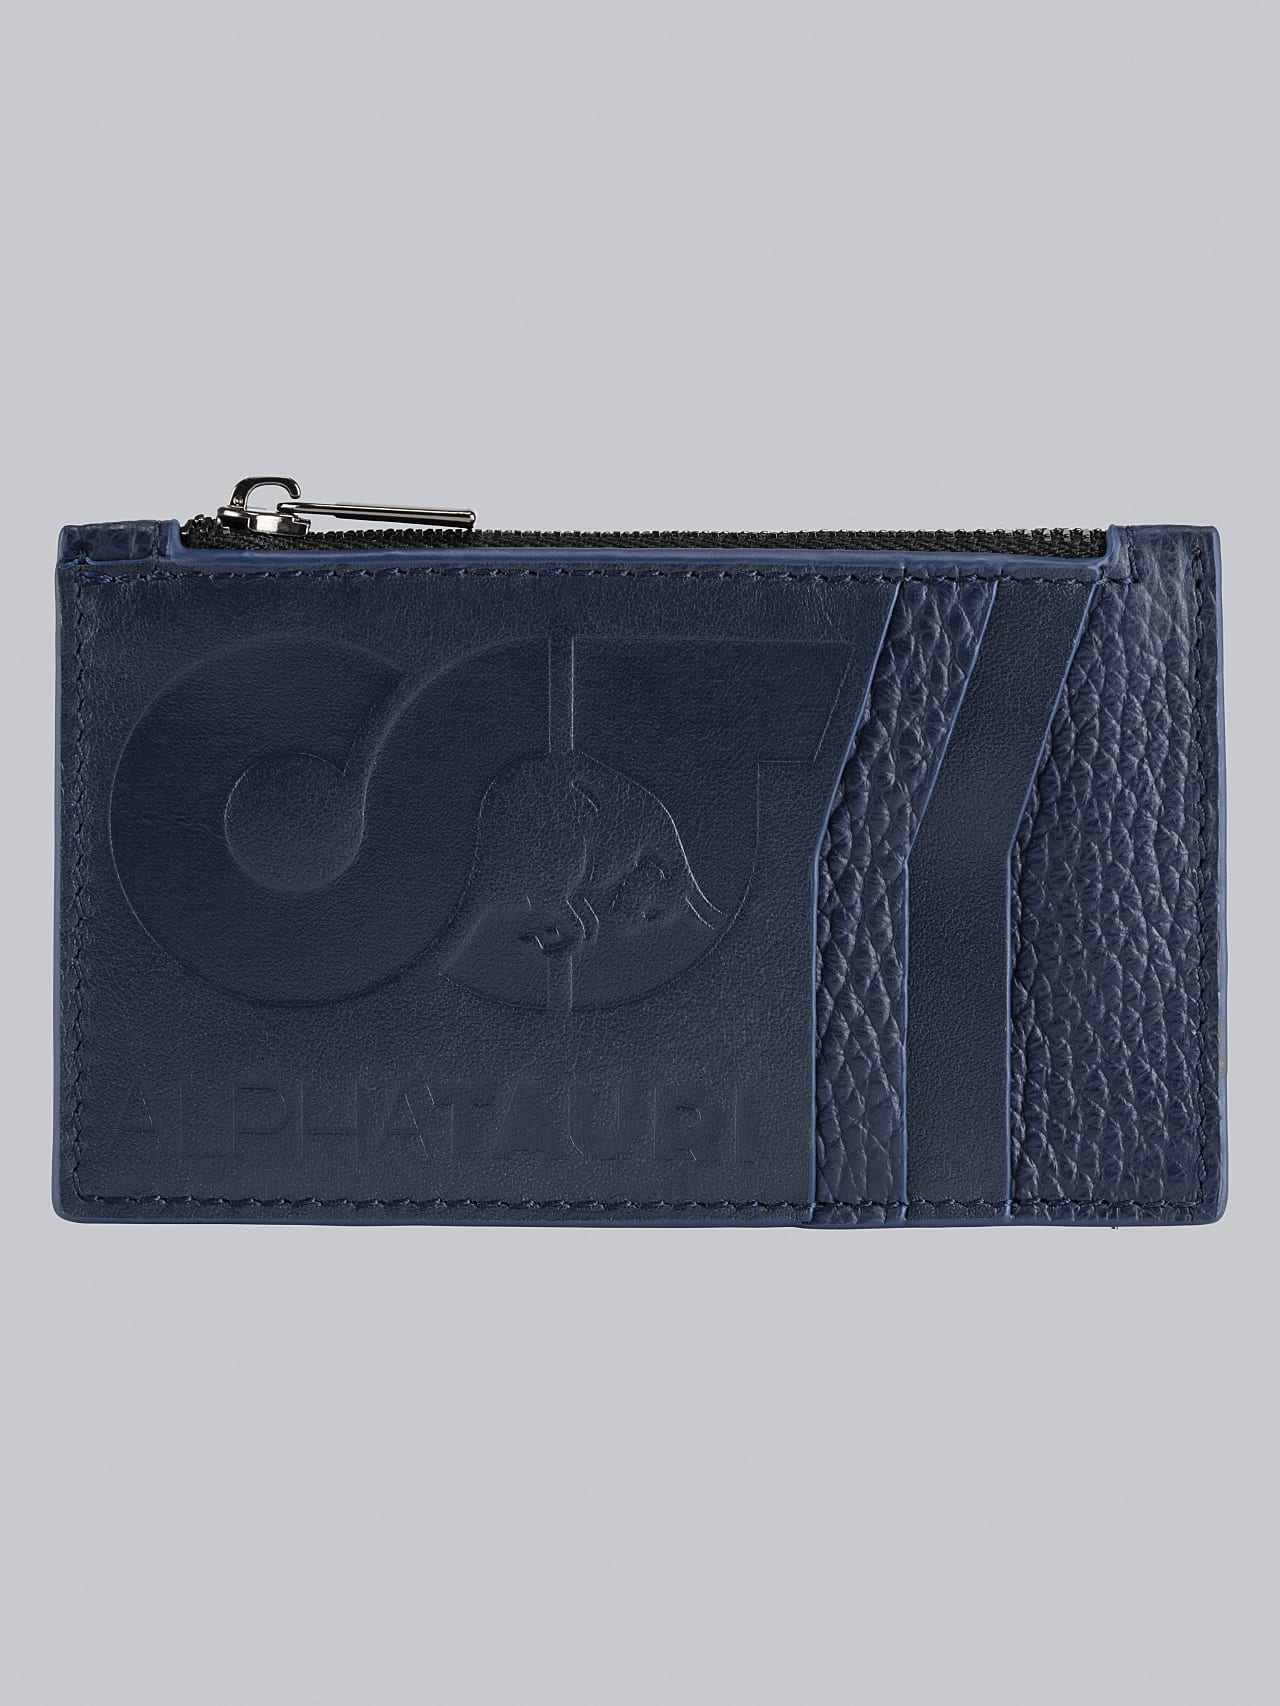 ACETA V1.Y5.02 Leather Cardholder navy Back Alpha Tauri